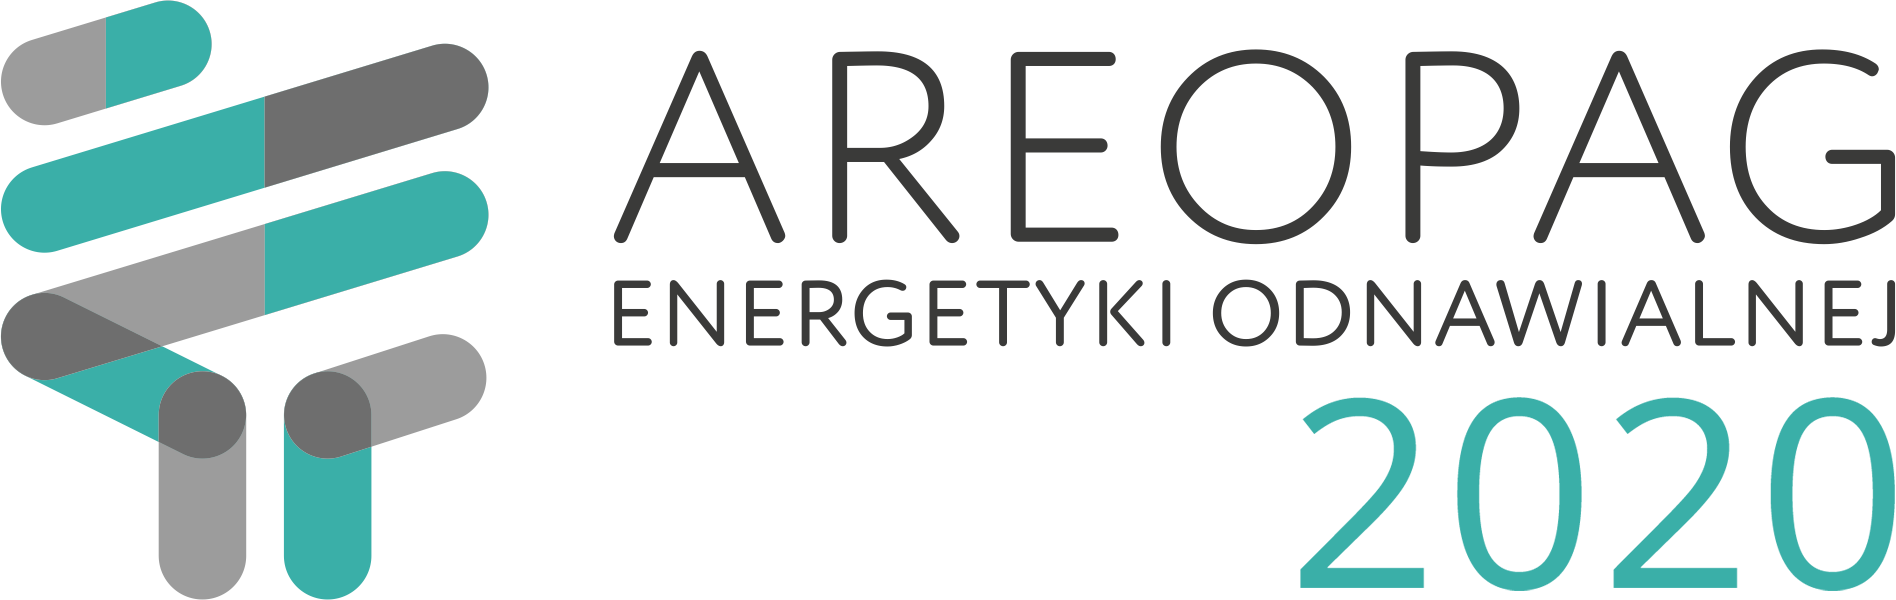 Areopag Energetyki Odnawialnej 2020